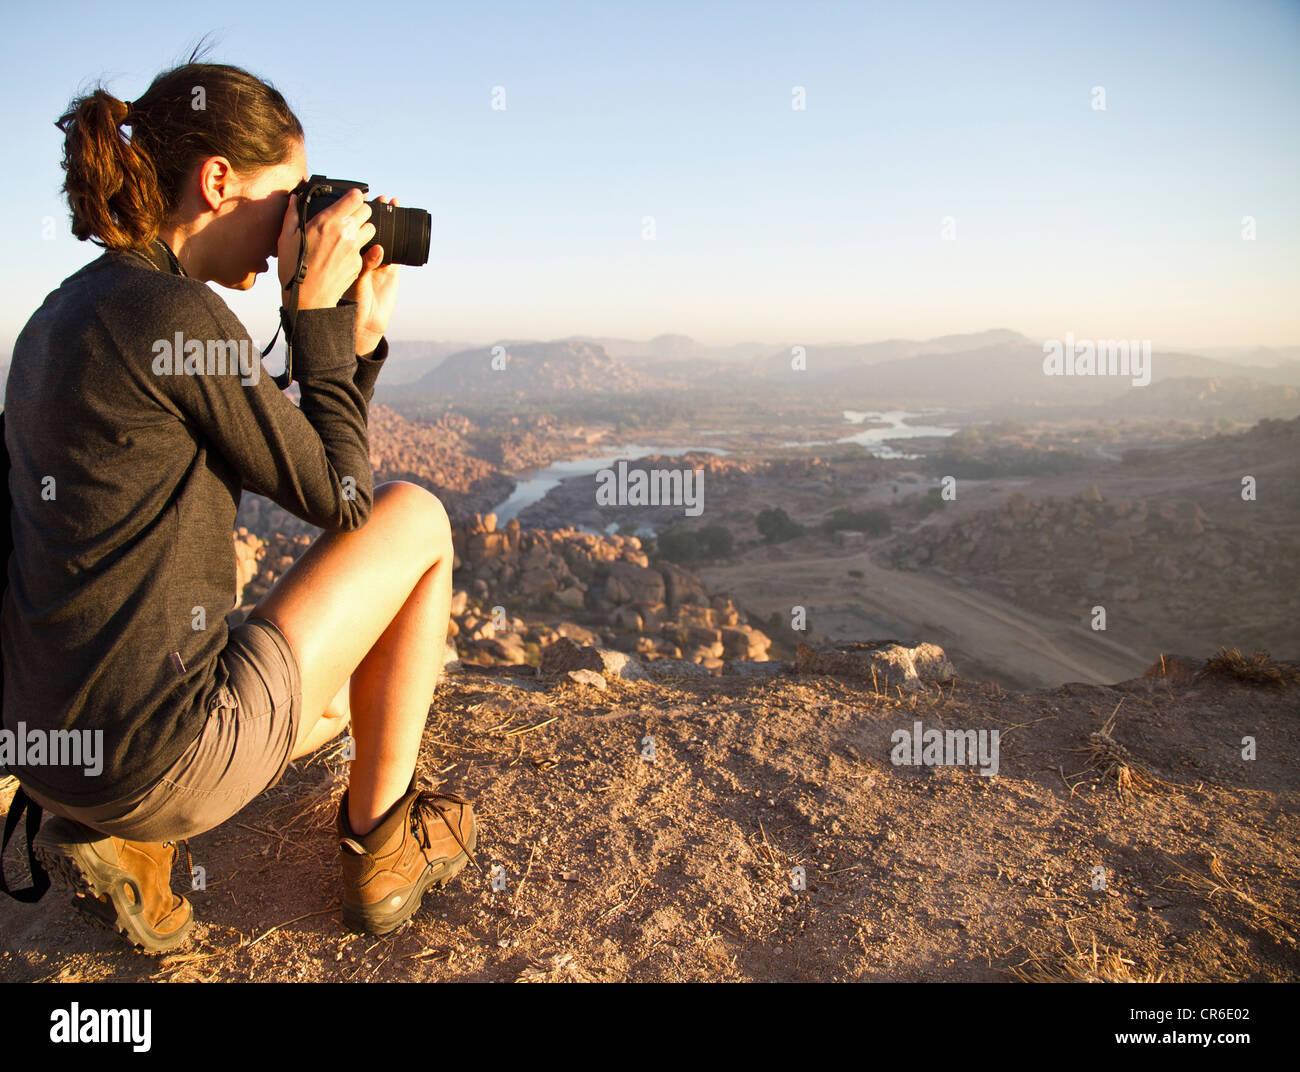 Indien, Karnataka, junge weibliche Touristen fotografieren auf Hügel in Hampi Stockfoto